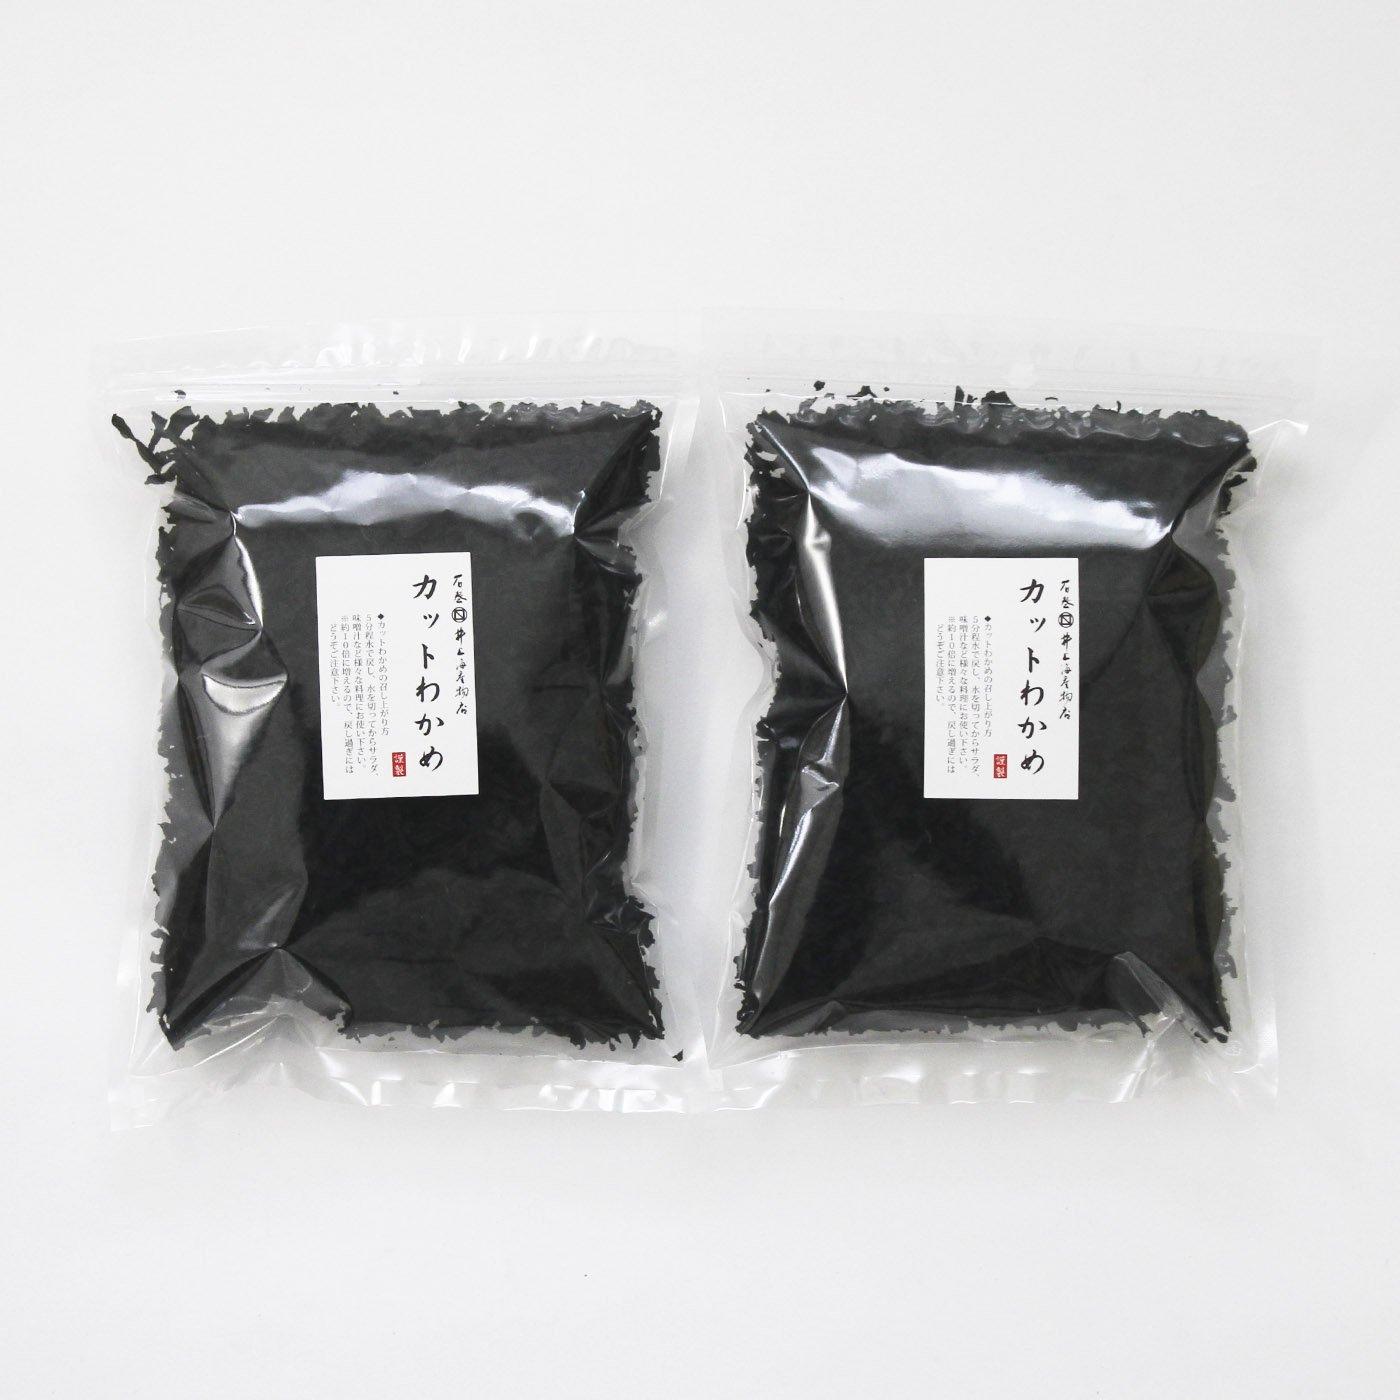 三陸産 乾燥わかめ(カットわかめ) 10袋入